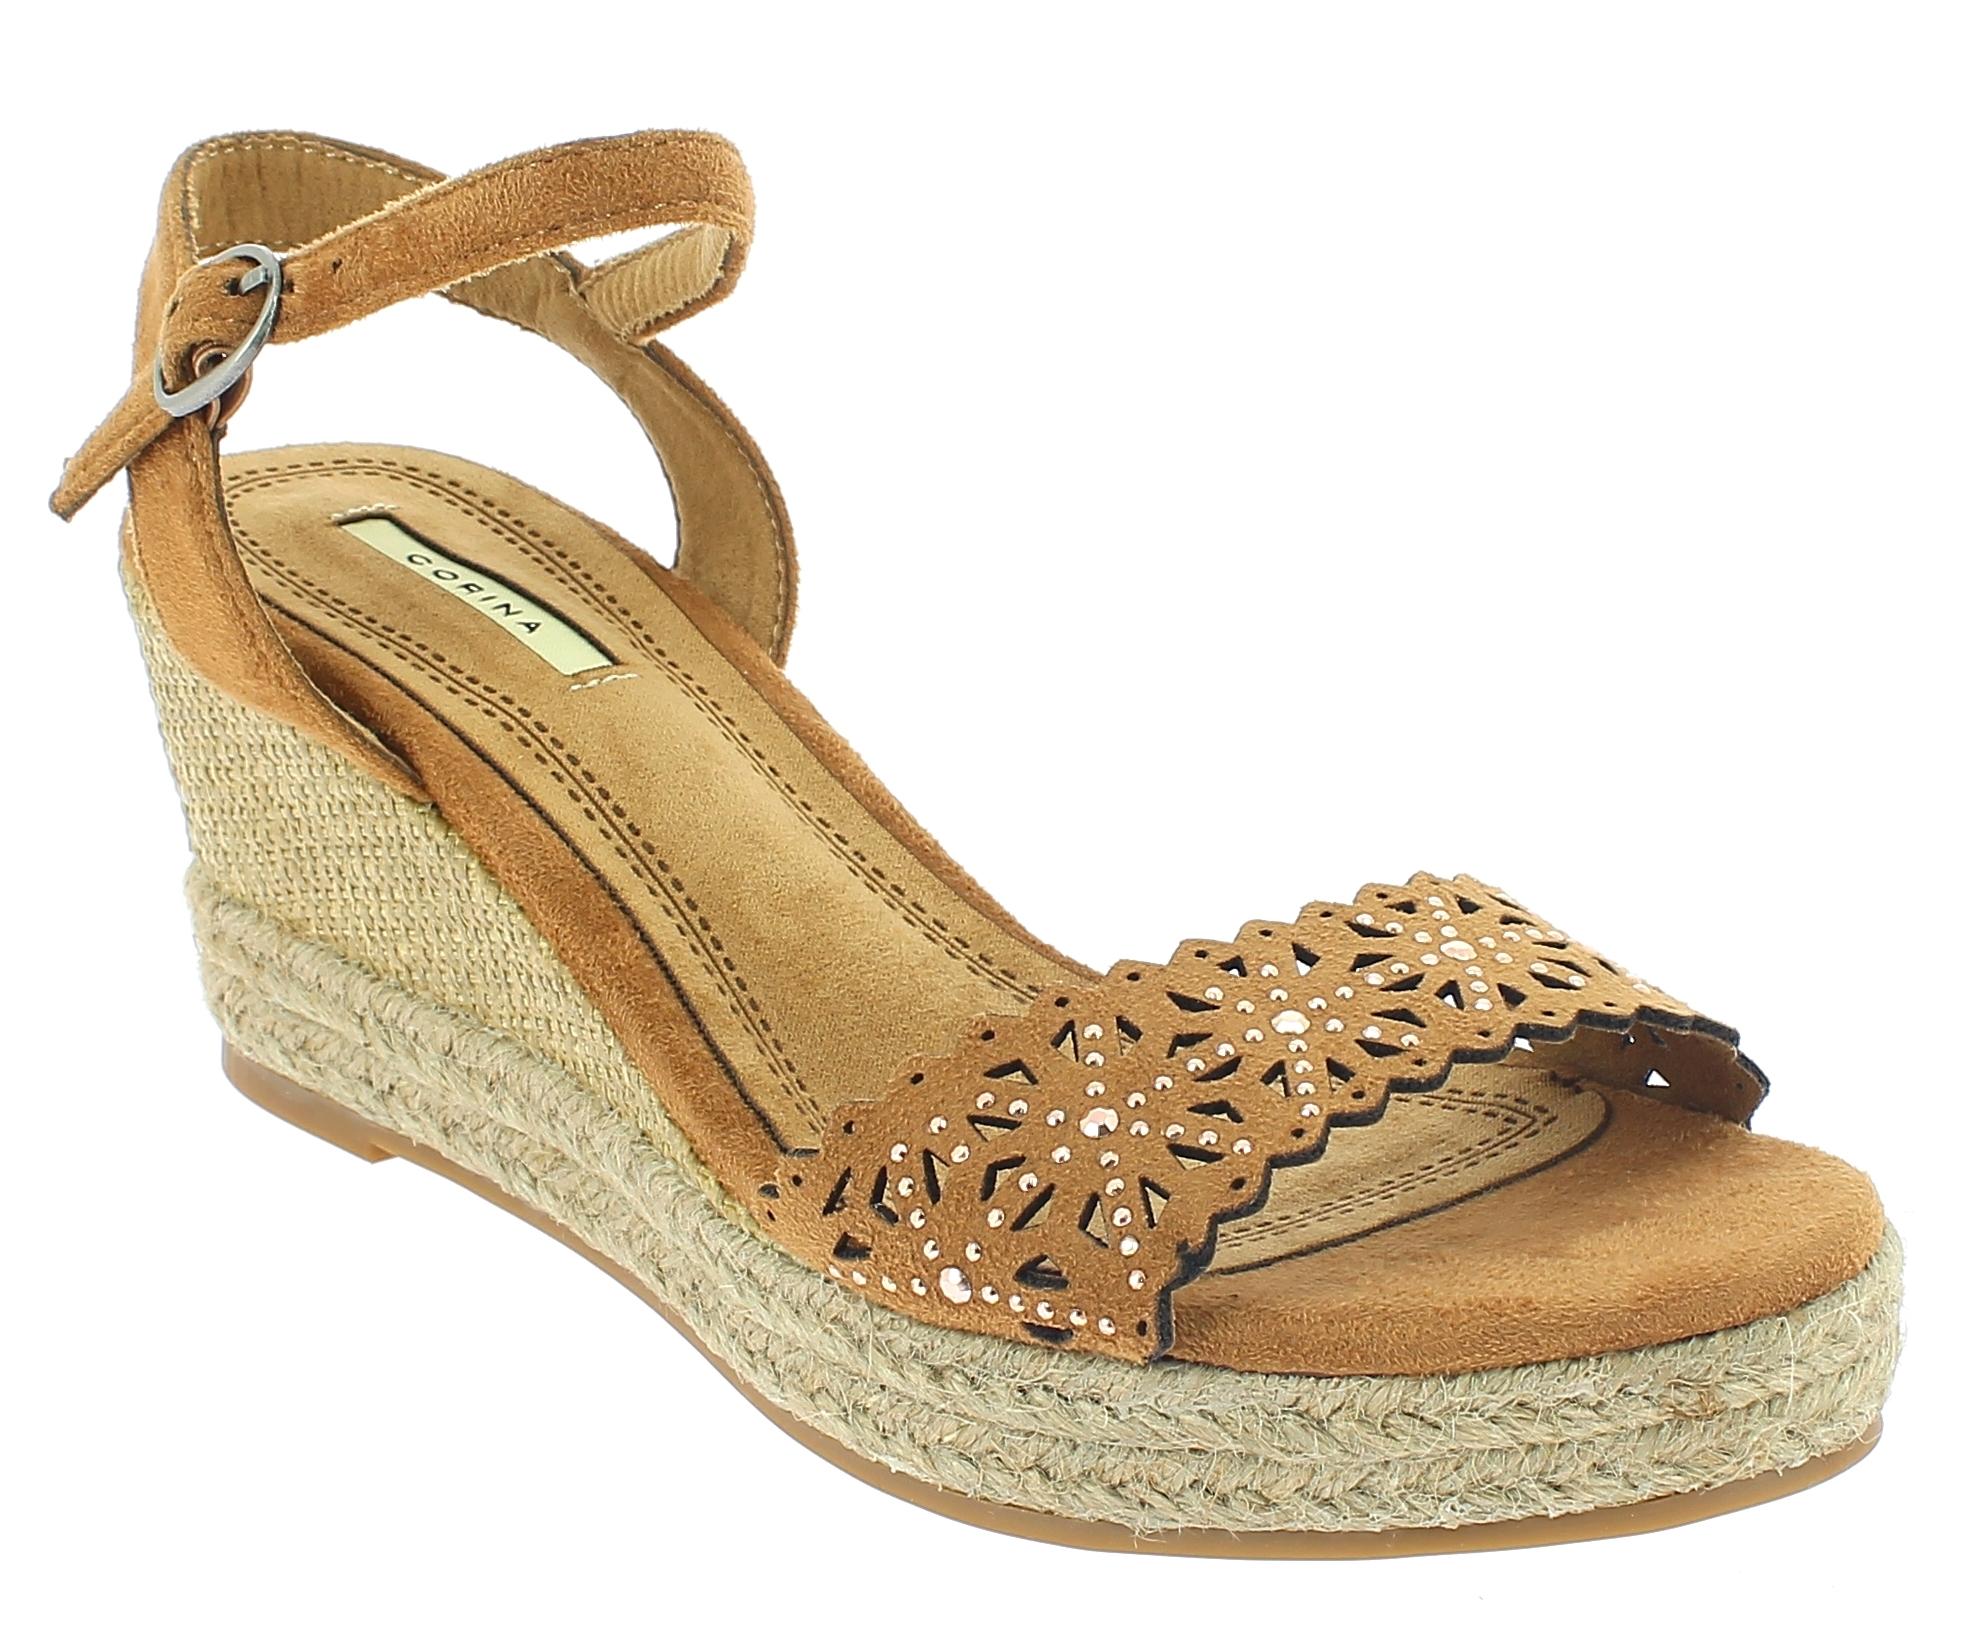 CORINA Γυναικεία Πλατφόρμα C8371 Κάμελ - IqShoes - C8371 CUERO-CORINA-camel-40/1 παπούτσια  new in